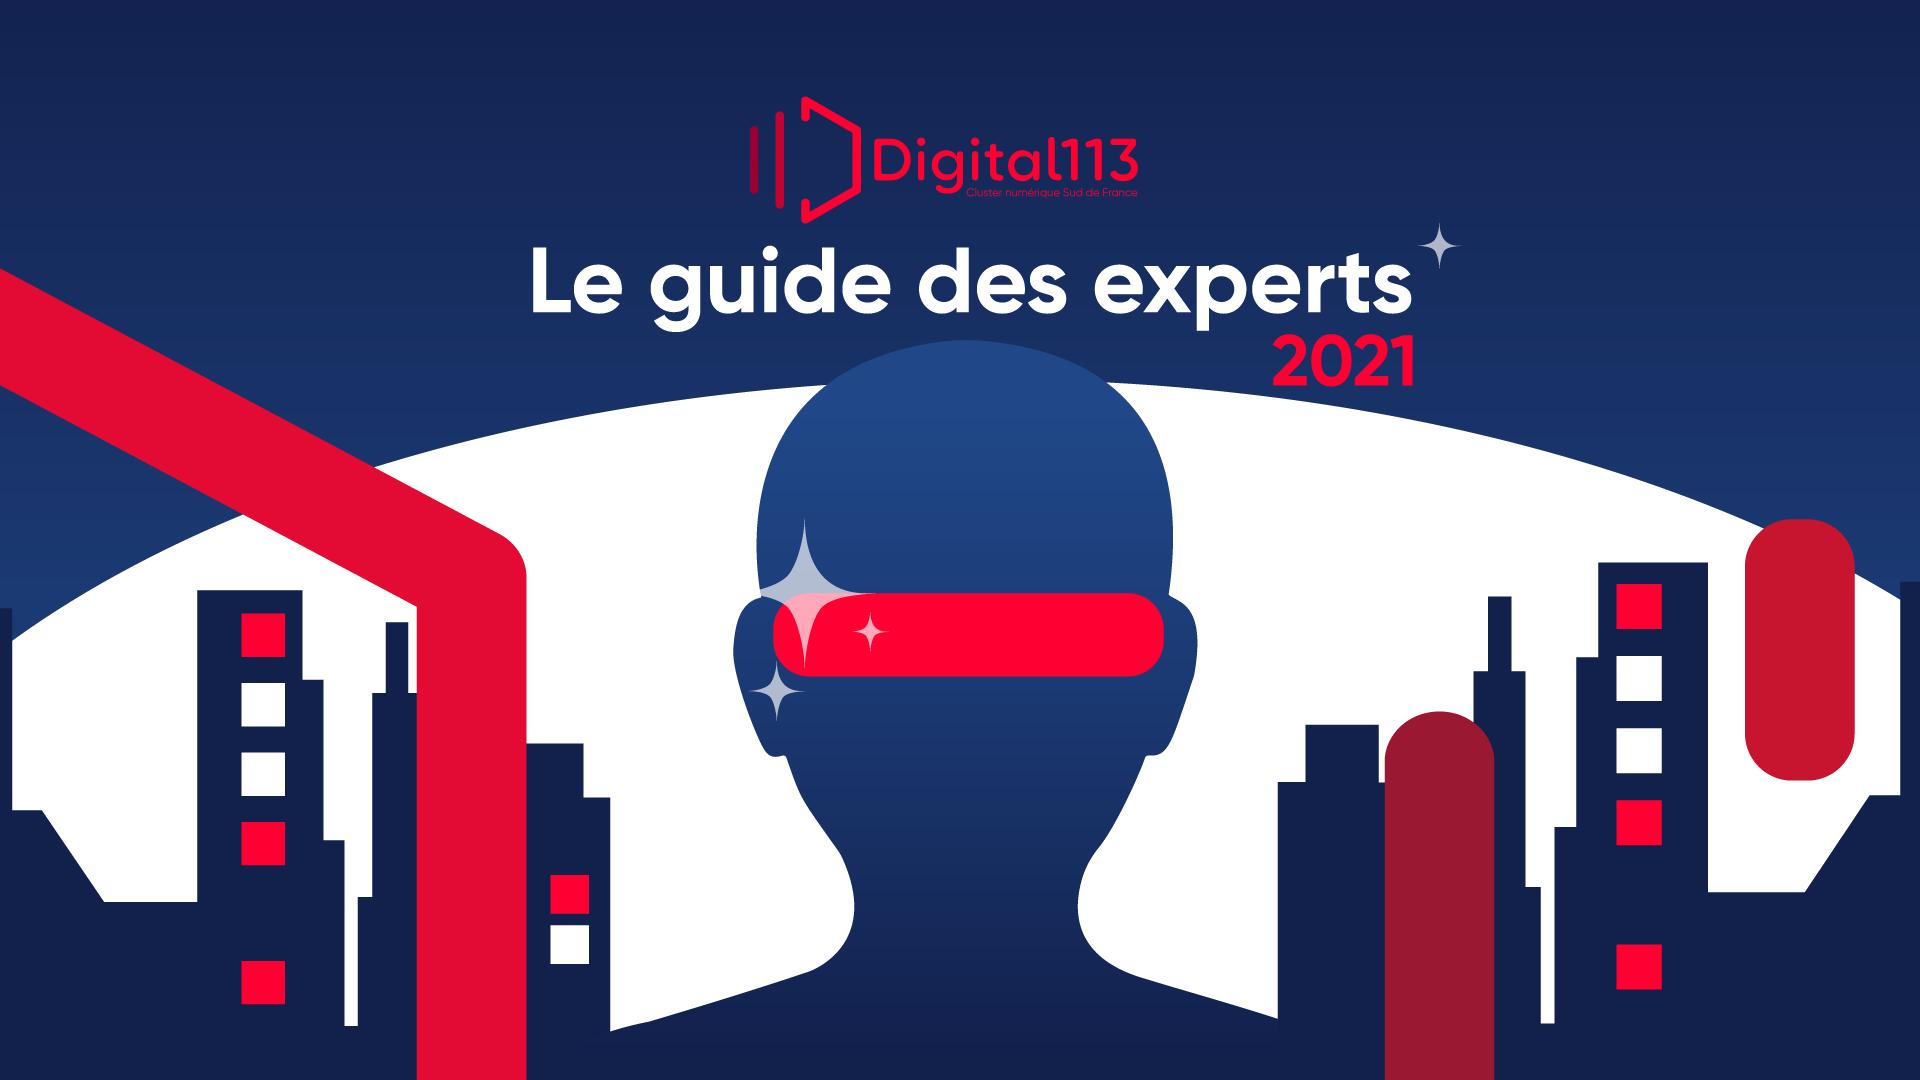 Guide des experts Digital 113 édition 2021